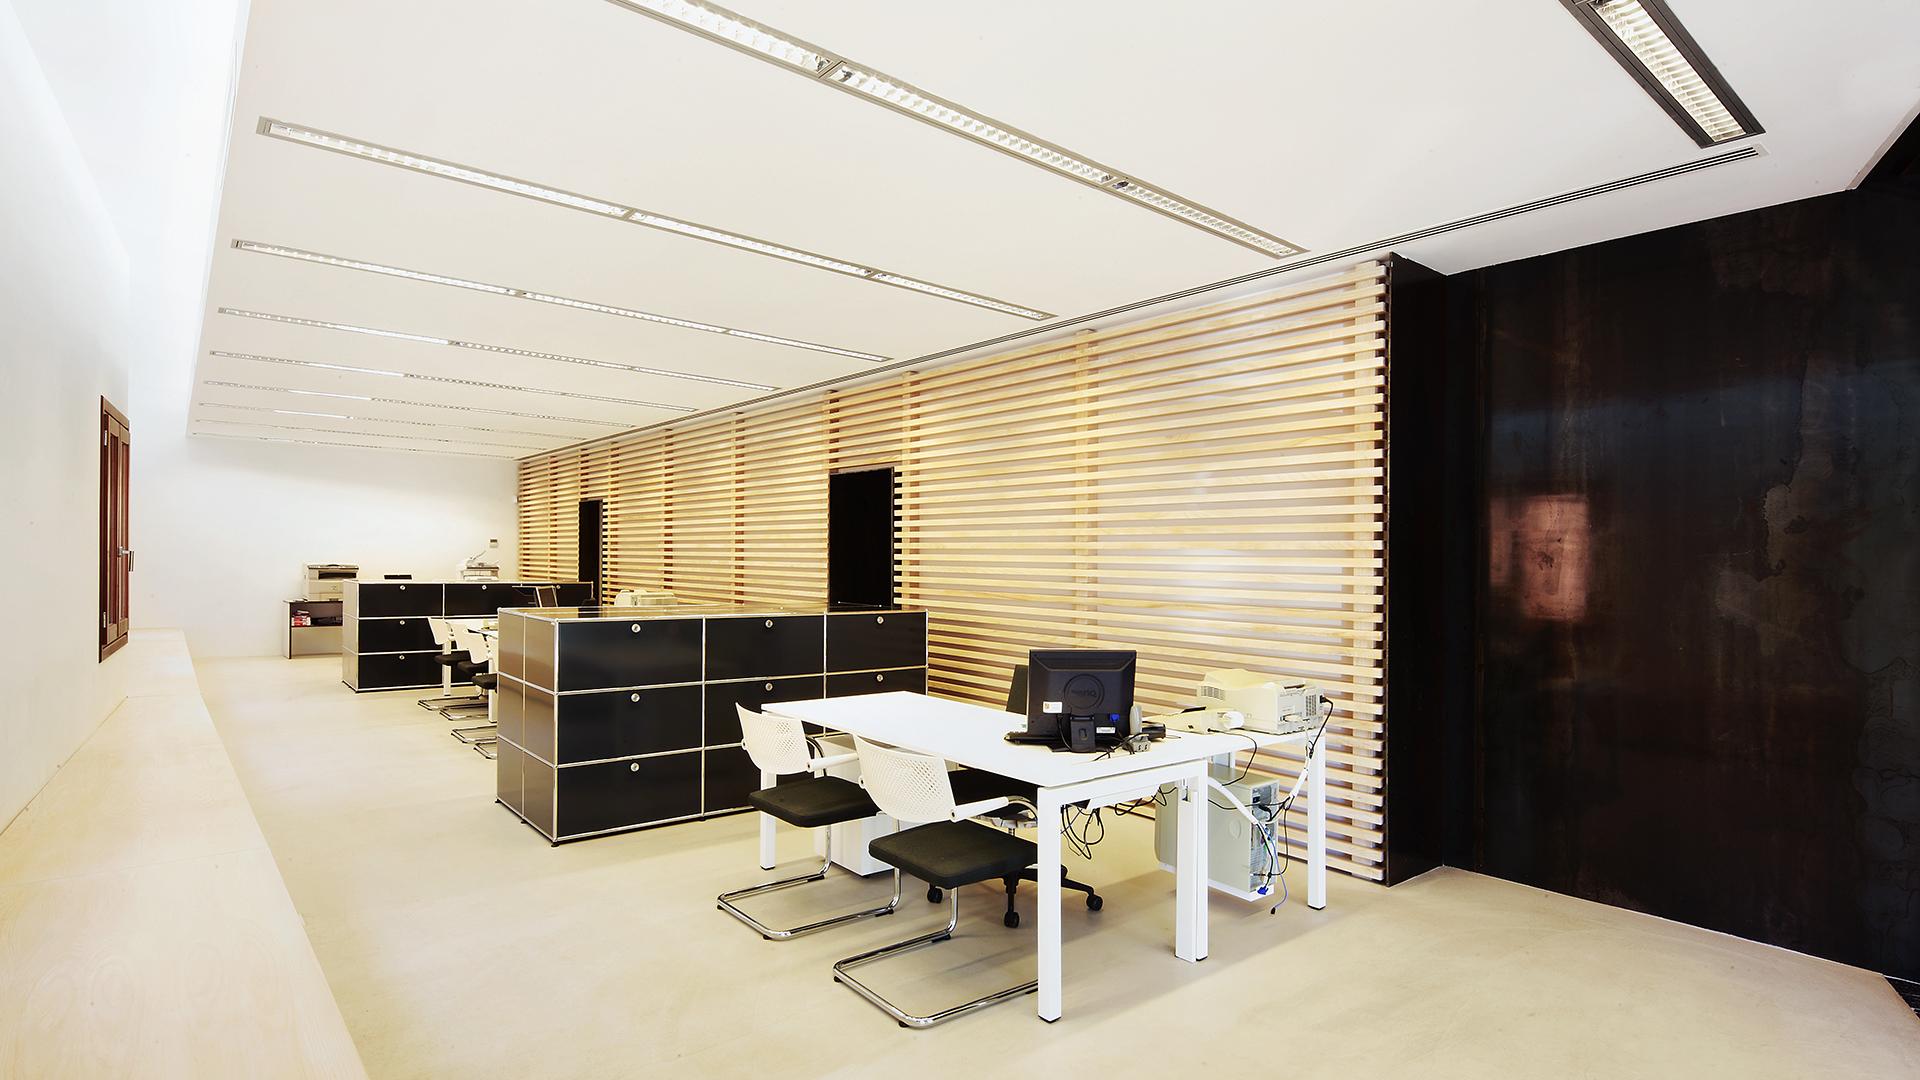 Sct estudio de arquitectura proyectos for Oficina recaudacion madrid